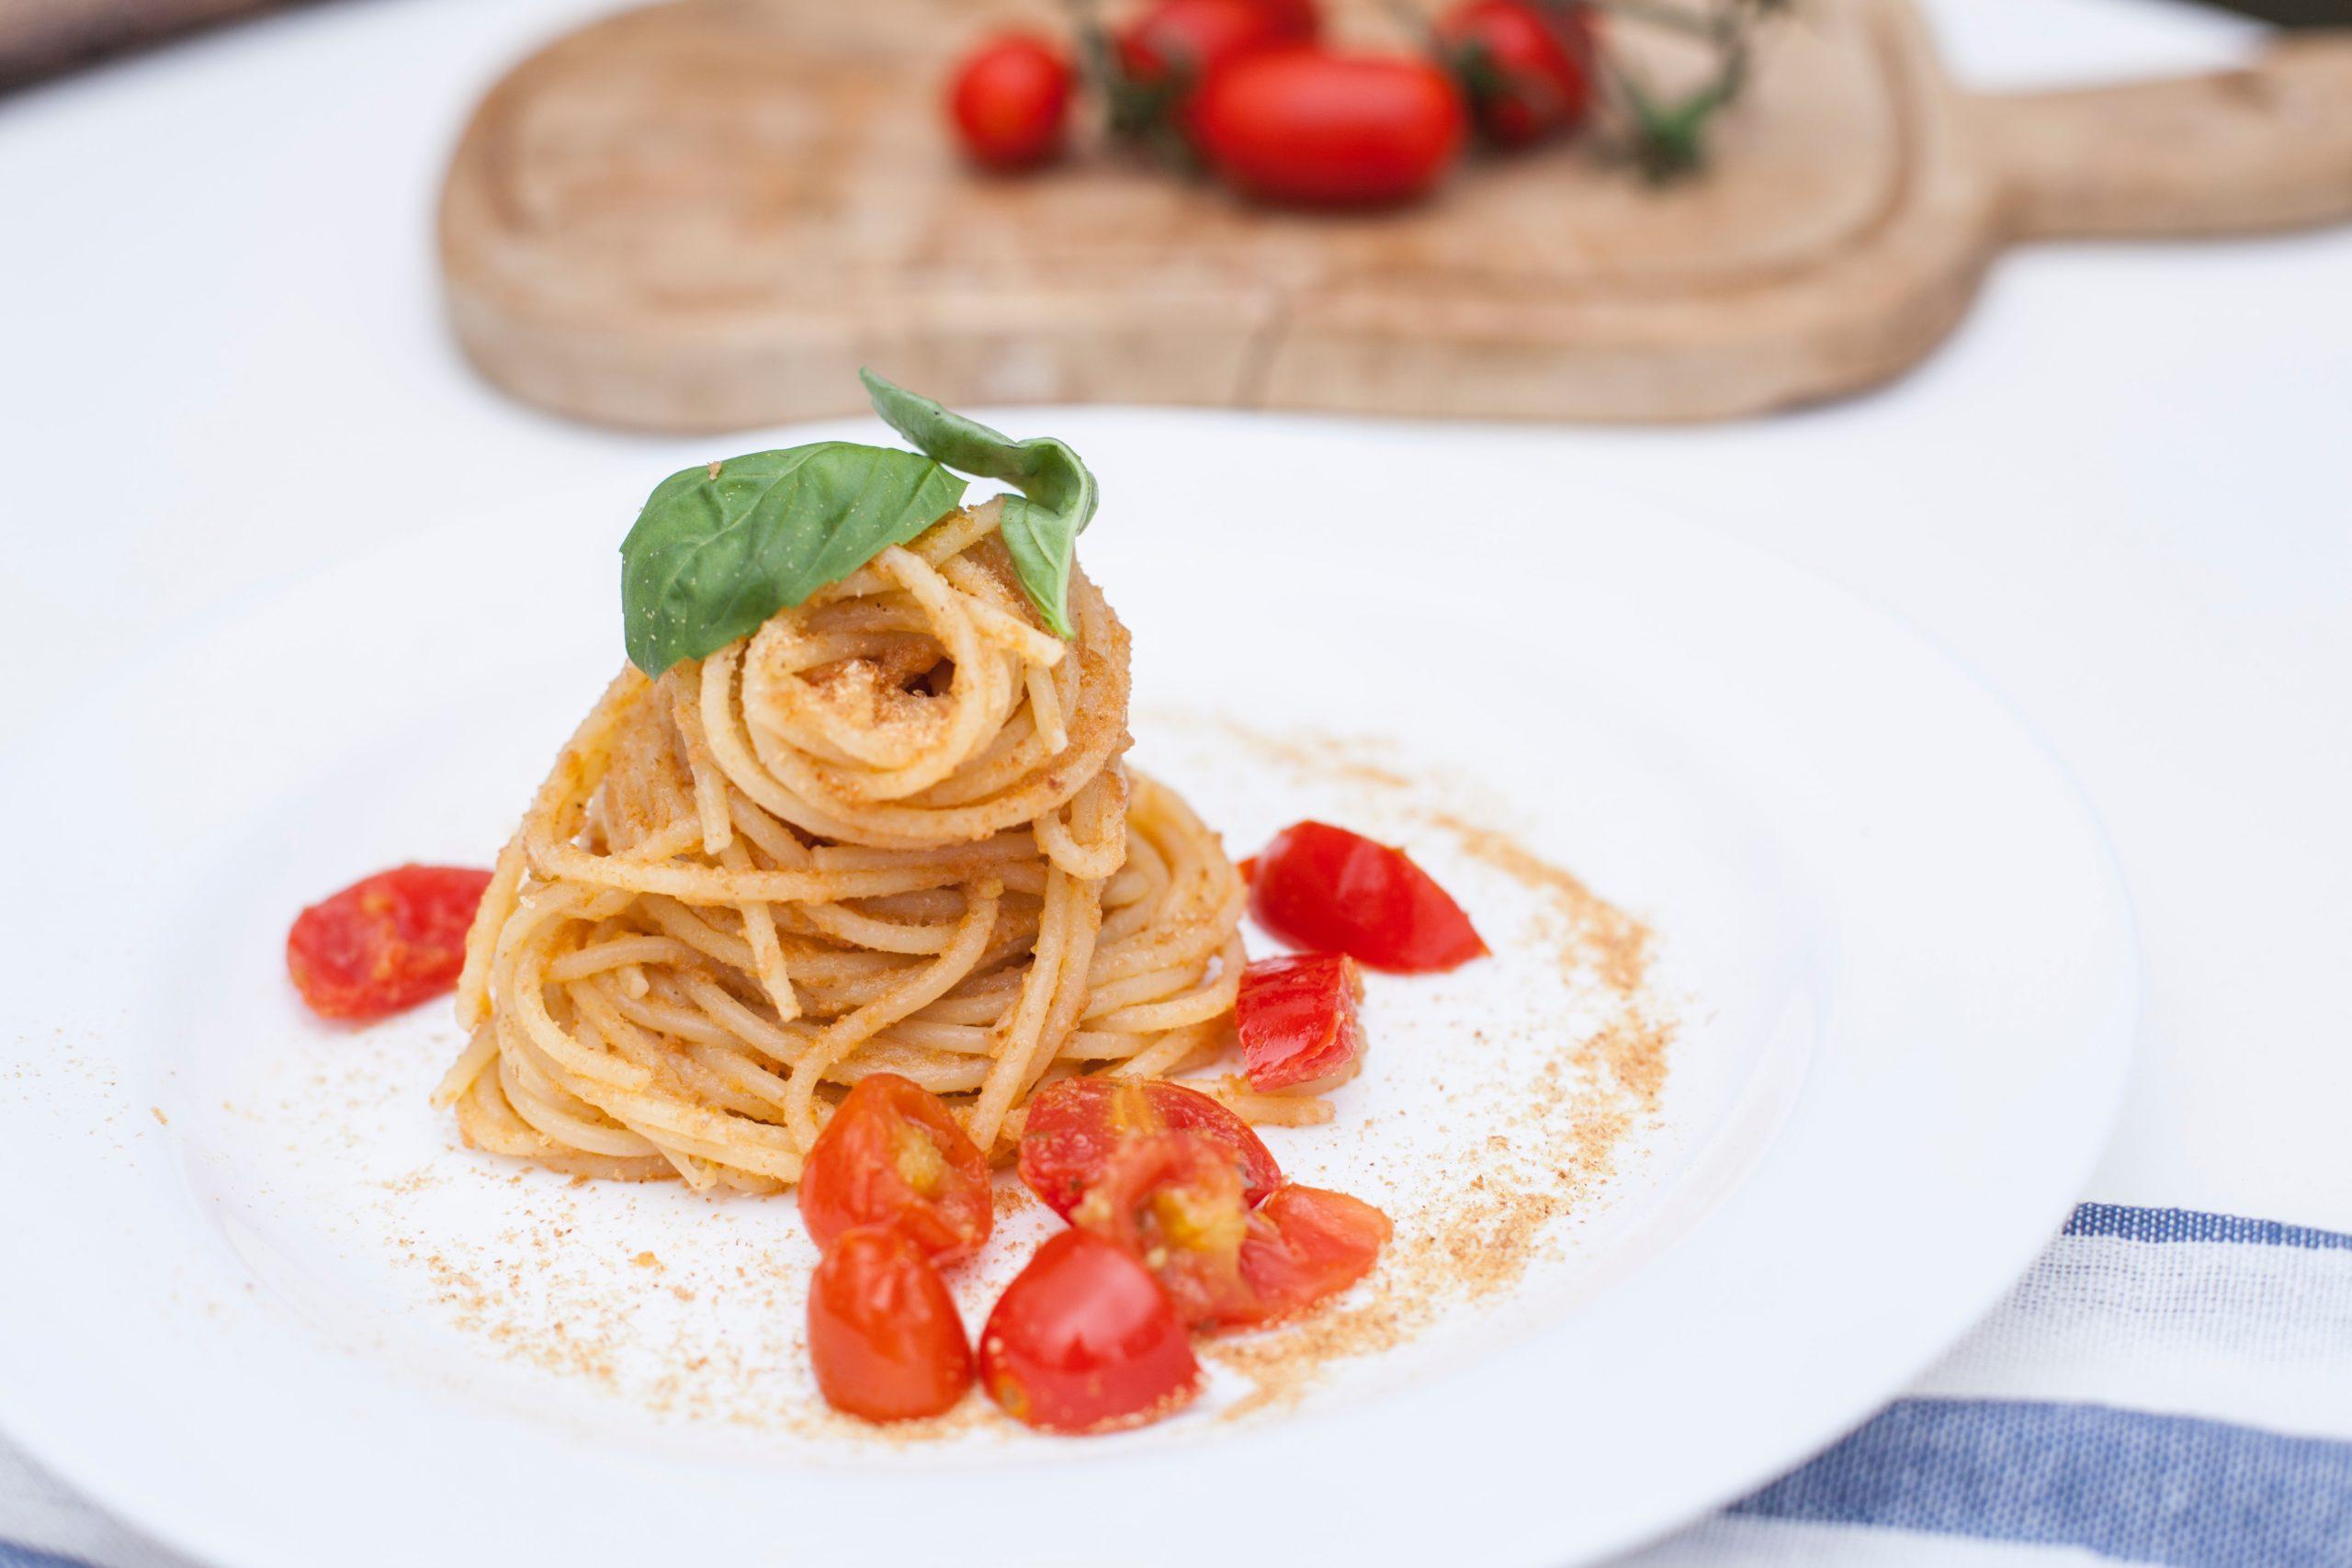 immagine con spaghetti artigianali, pomodorini e basilico fresco in foglie